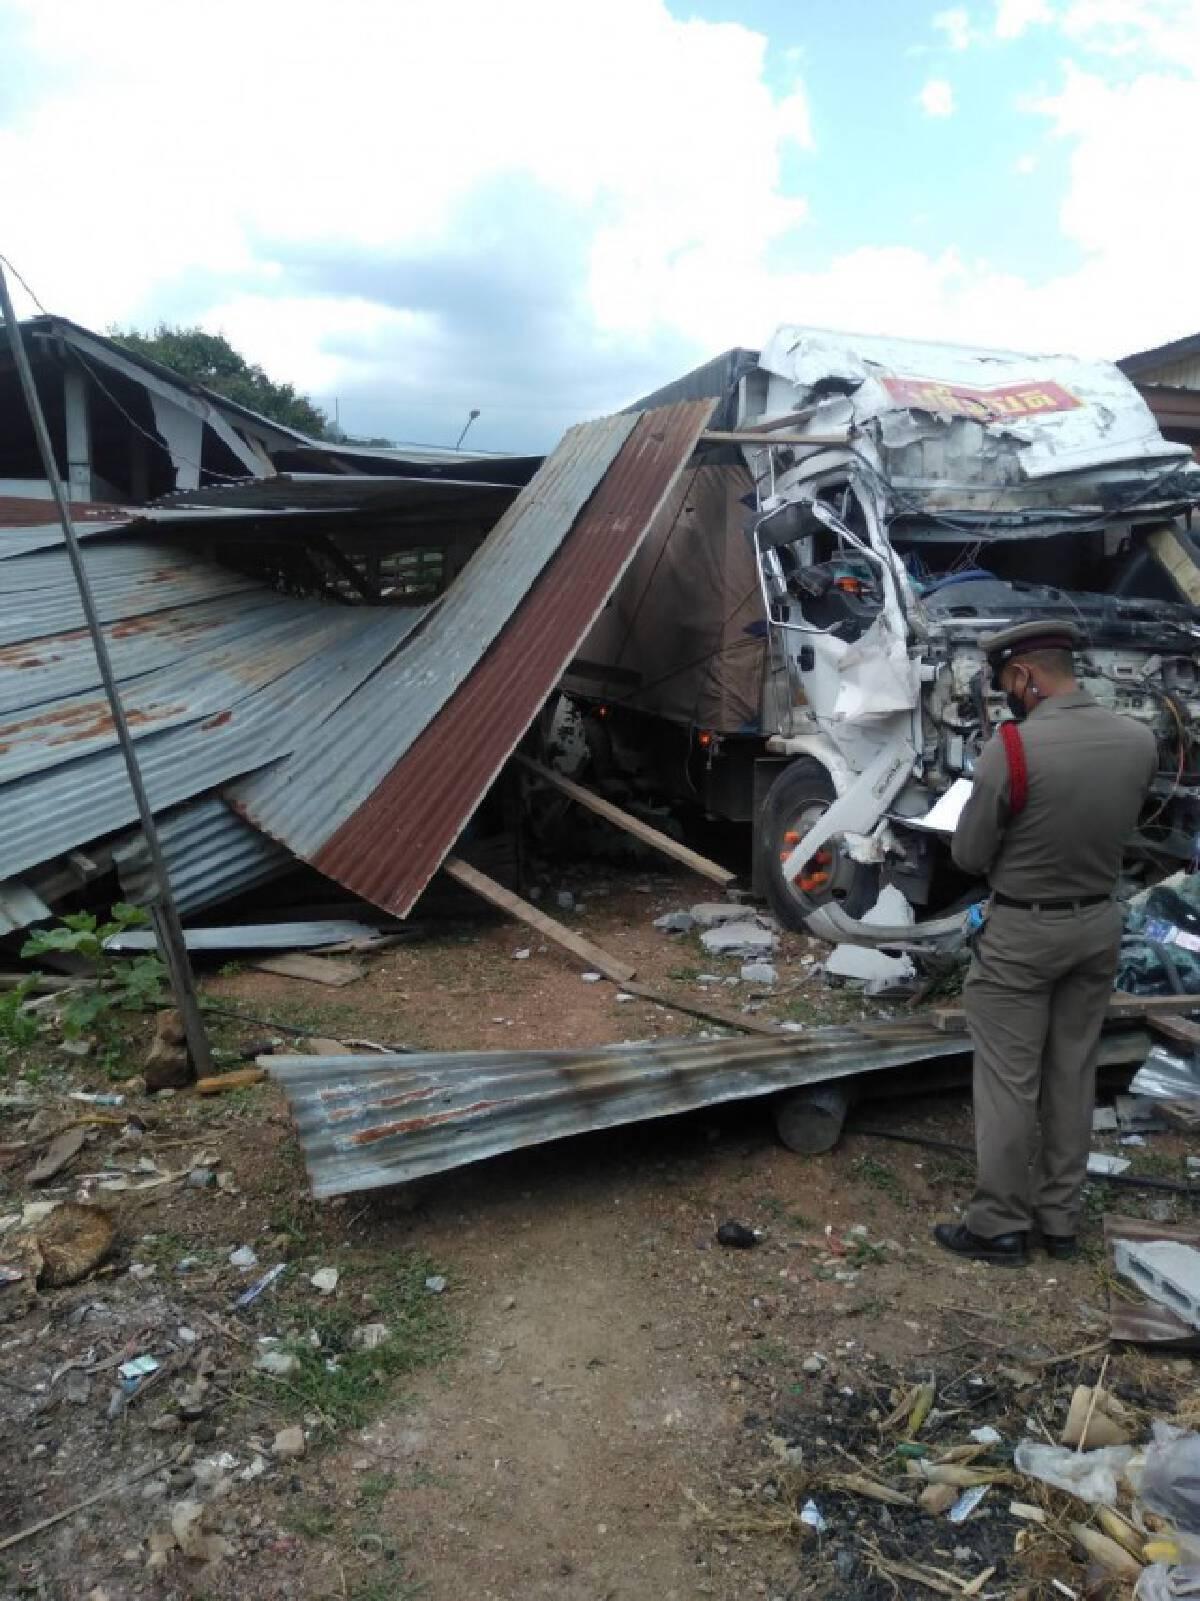 รถบรรทุกสิบล้อพ่วงเบรกแตกพุ่งชนบ้านพังยับ